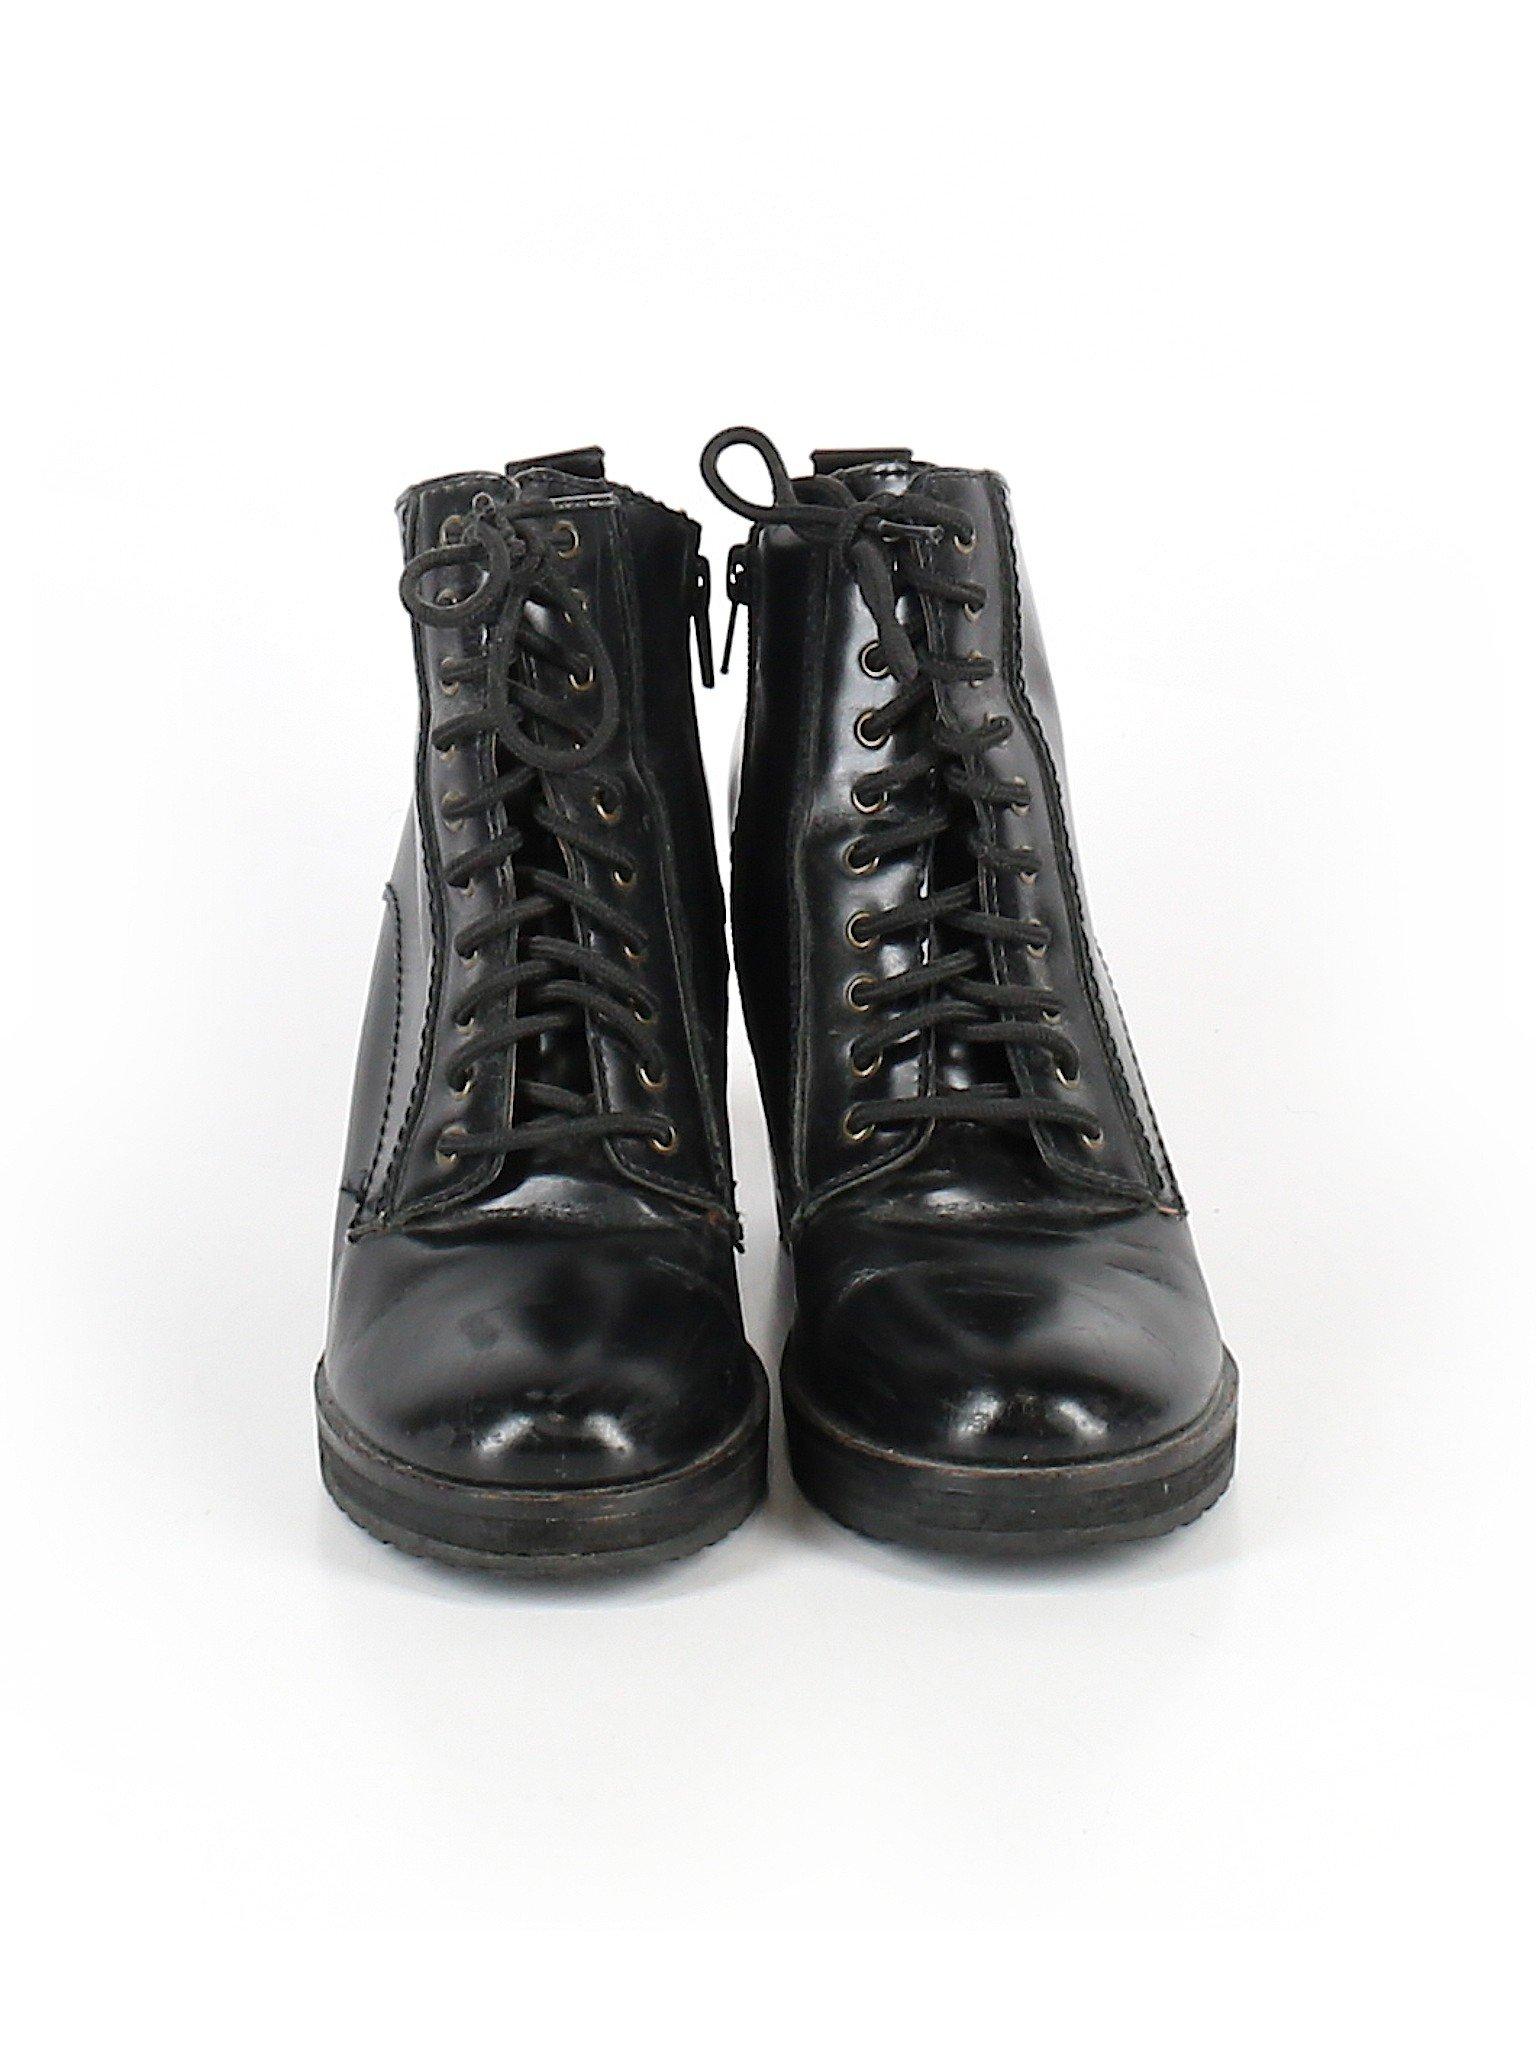 Boutique promotion Mooz Miz Boutique Boutique Boots Boots Mooz promotion Miz 4WFtBndx